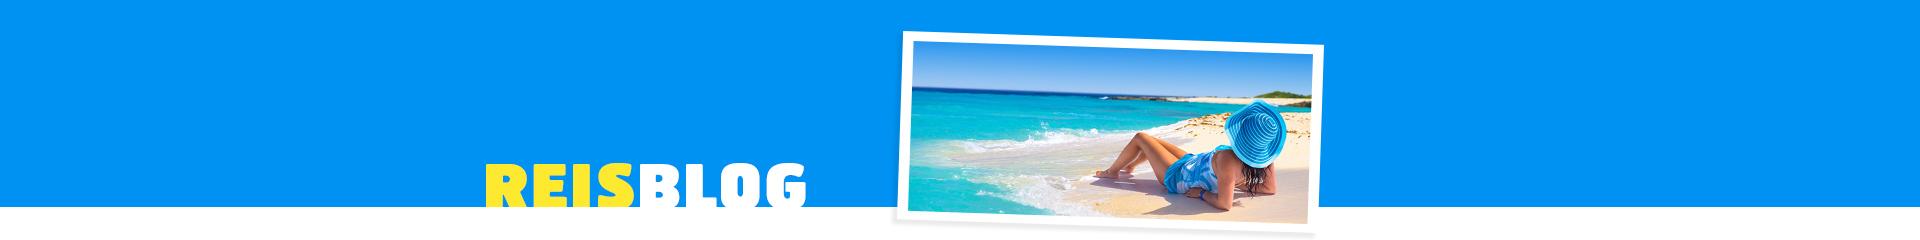 Vrouw ligt op een wit zandstrandmet uitzicht opde azuurblauwe zee.